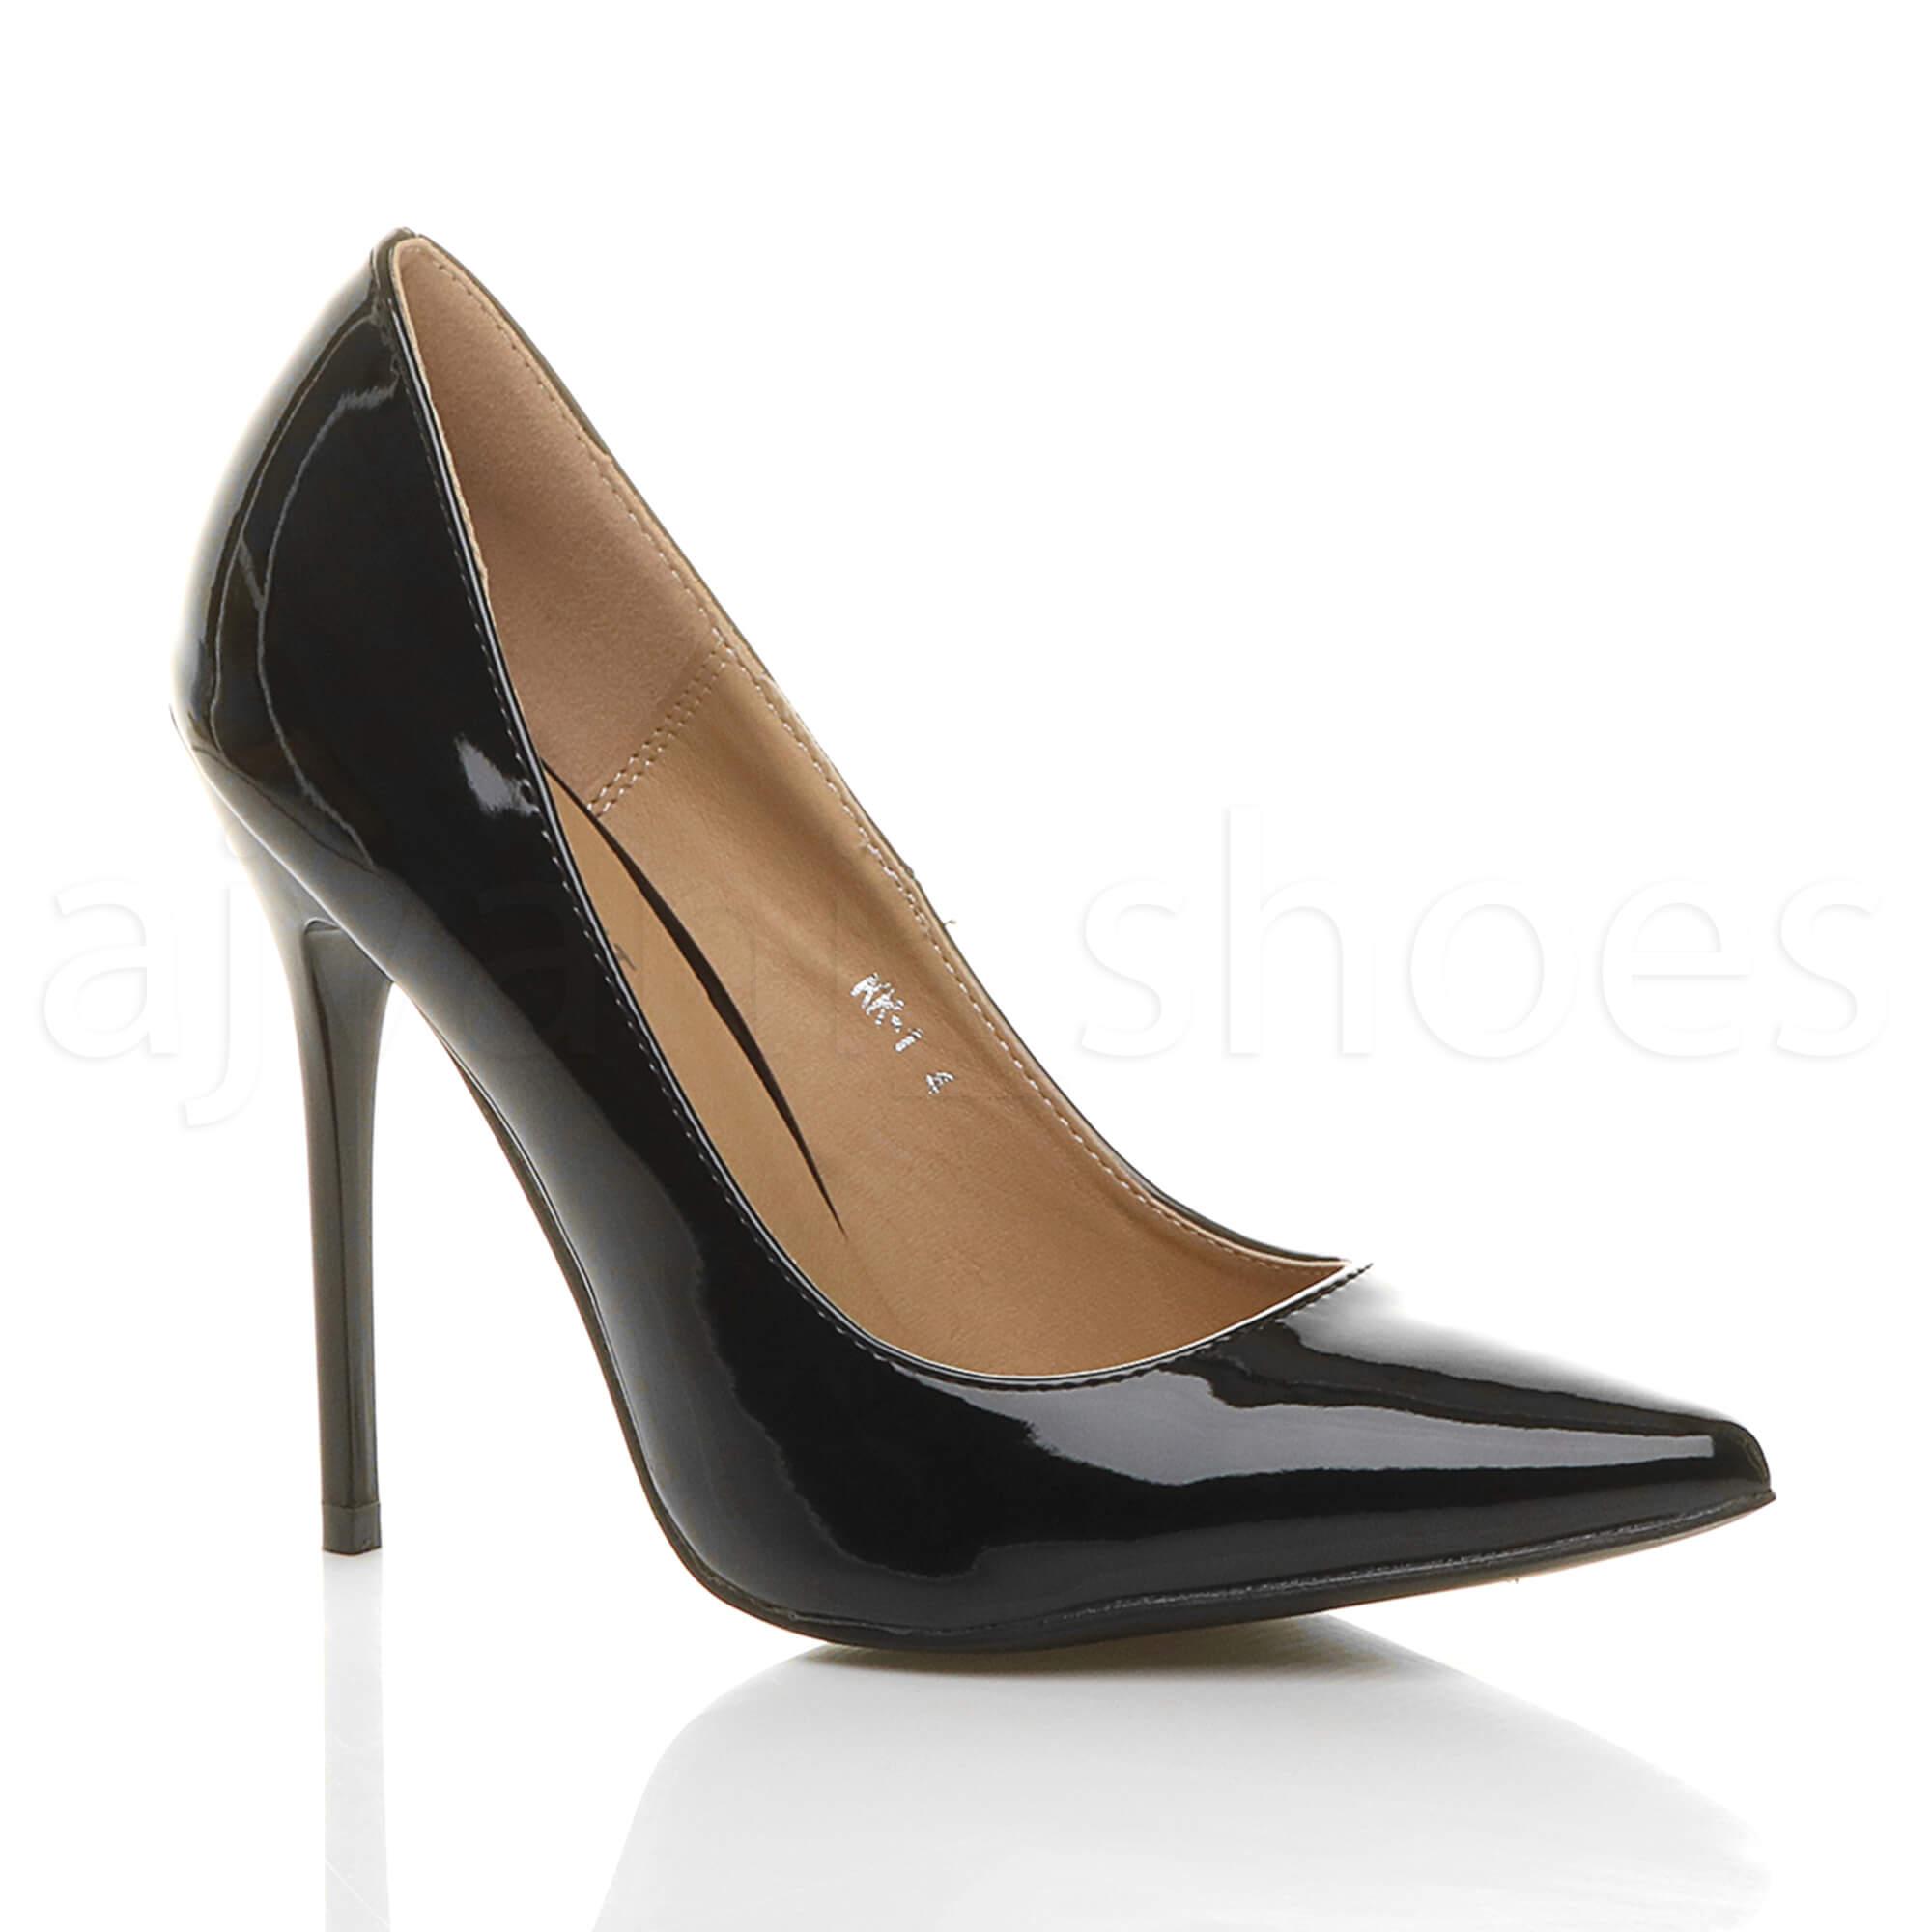 ladies black patent court shoes size 36